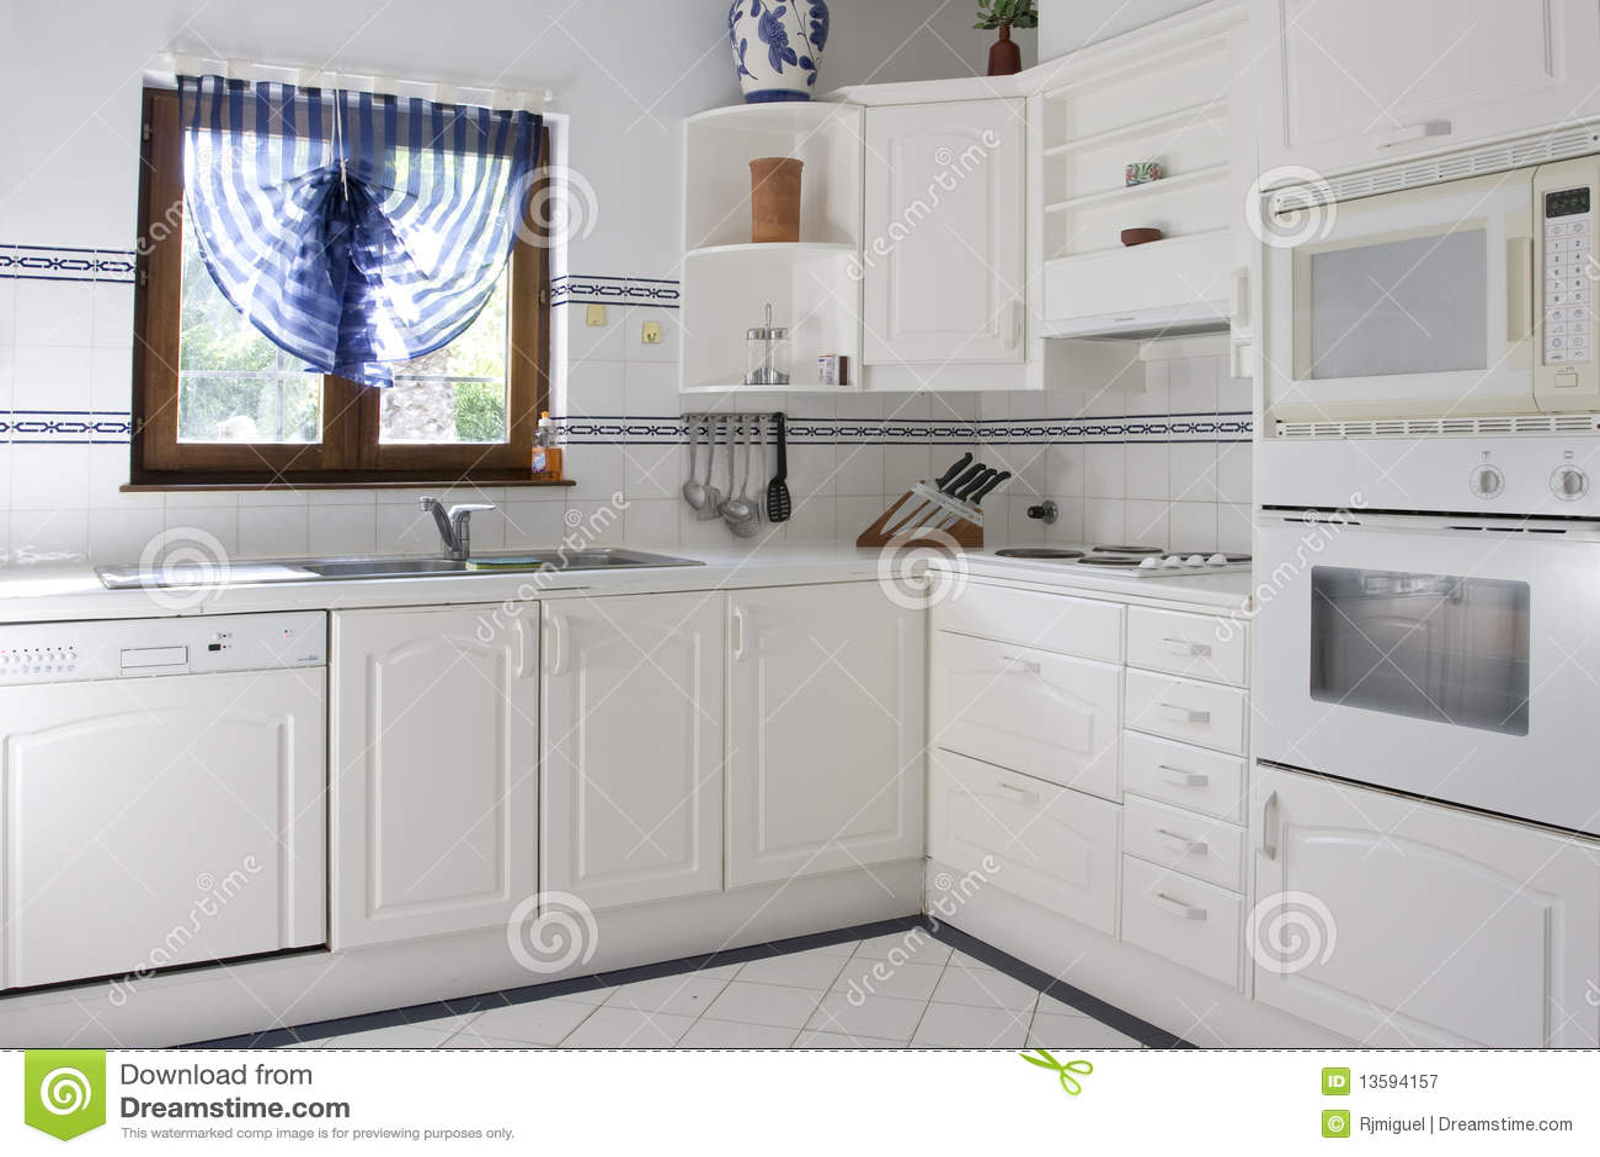 Piastrelle per cucina bianca finest patchwork piastrelle ceramica